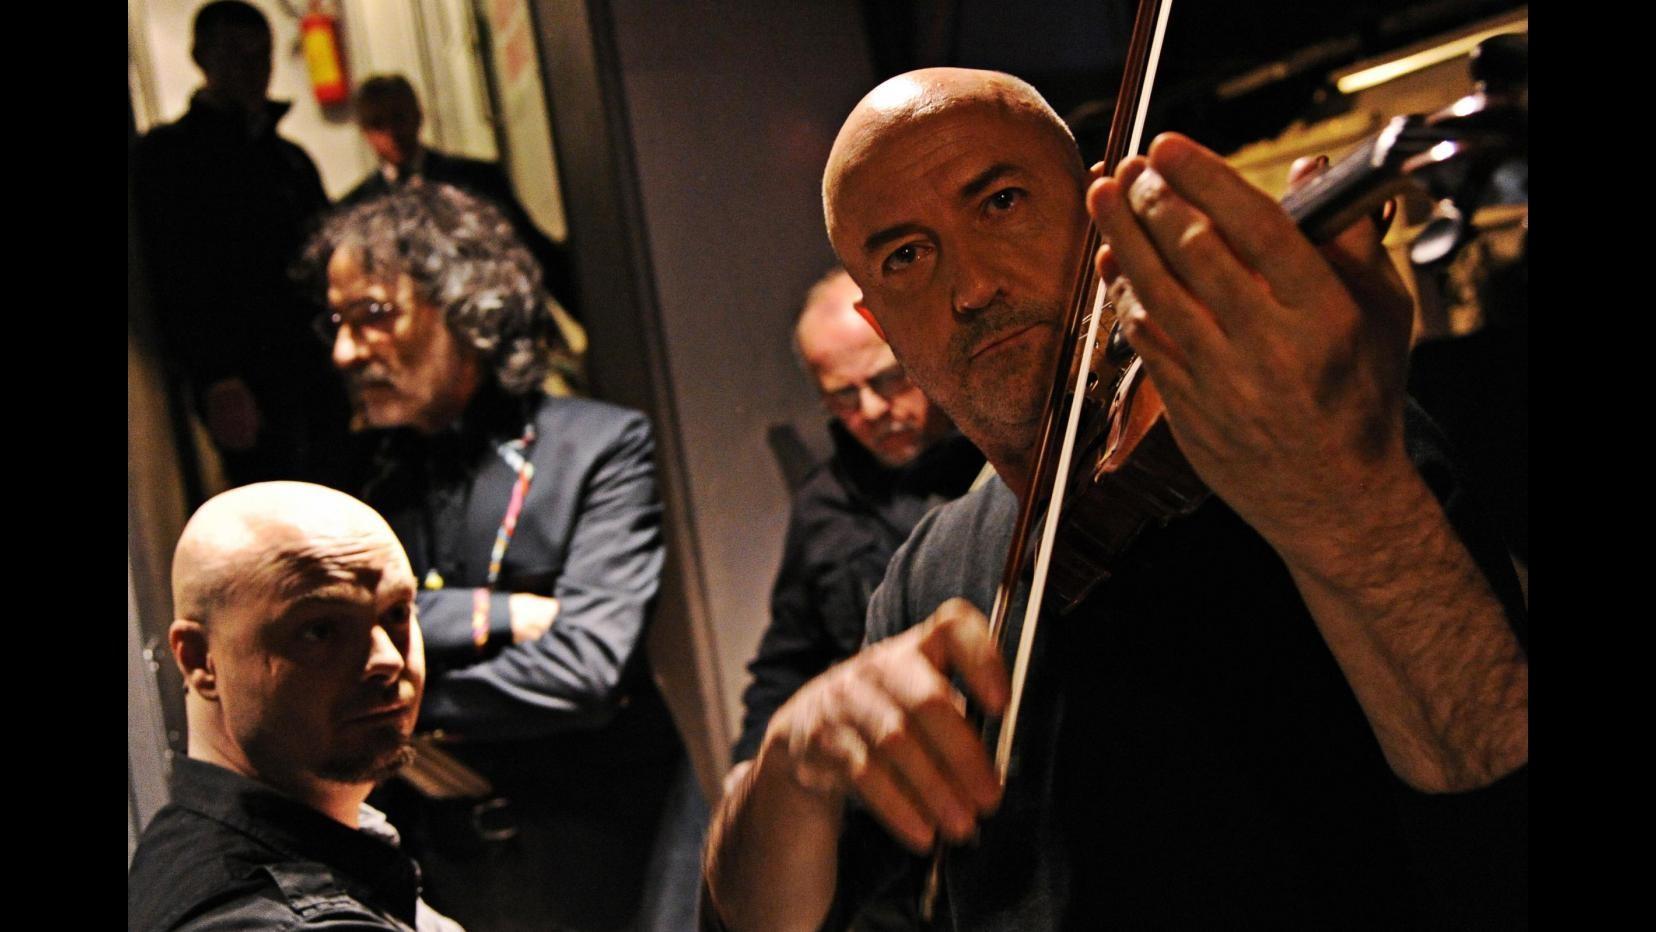 Sospeso concerto della Pfm a Torino a causa di un nubifragio